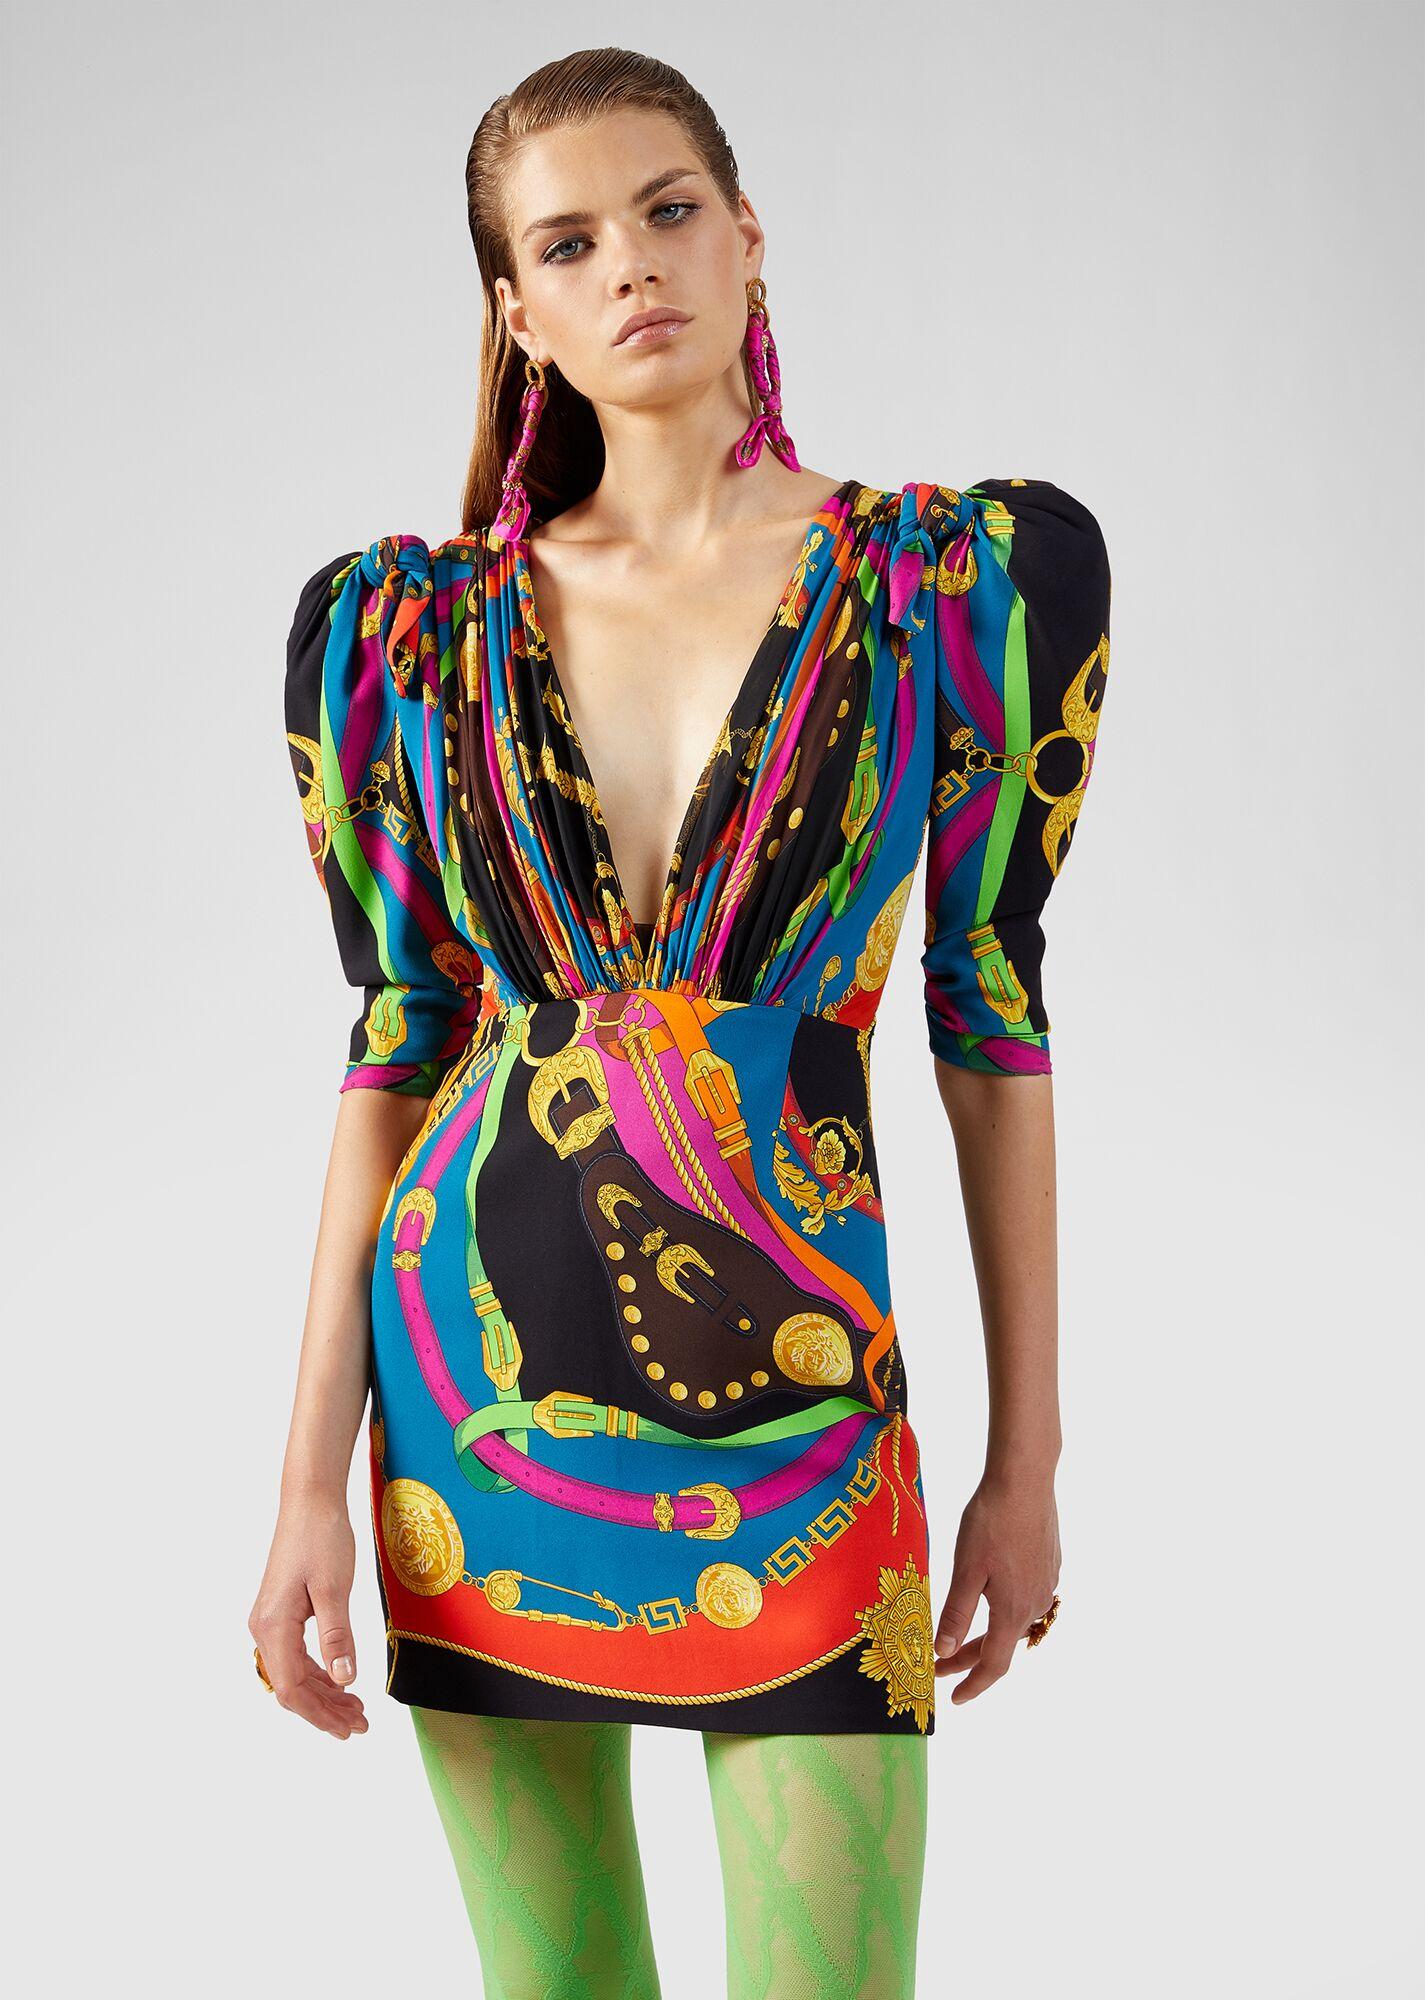 Váy càng ngắn thì càng tôn dáng? Pha cắt váy của stylist cho 3 mỹ nhân đụng hàng sẽ cho bạn câu trả lời - Ảnh 2.